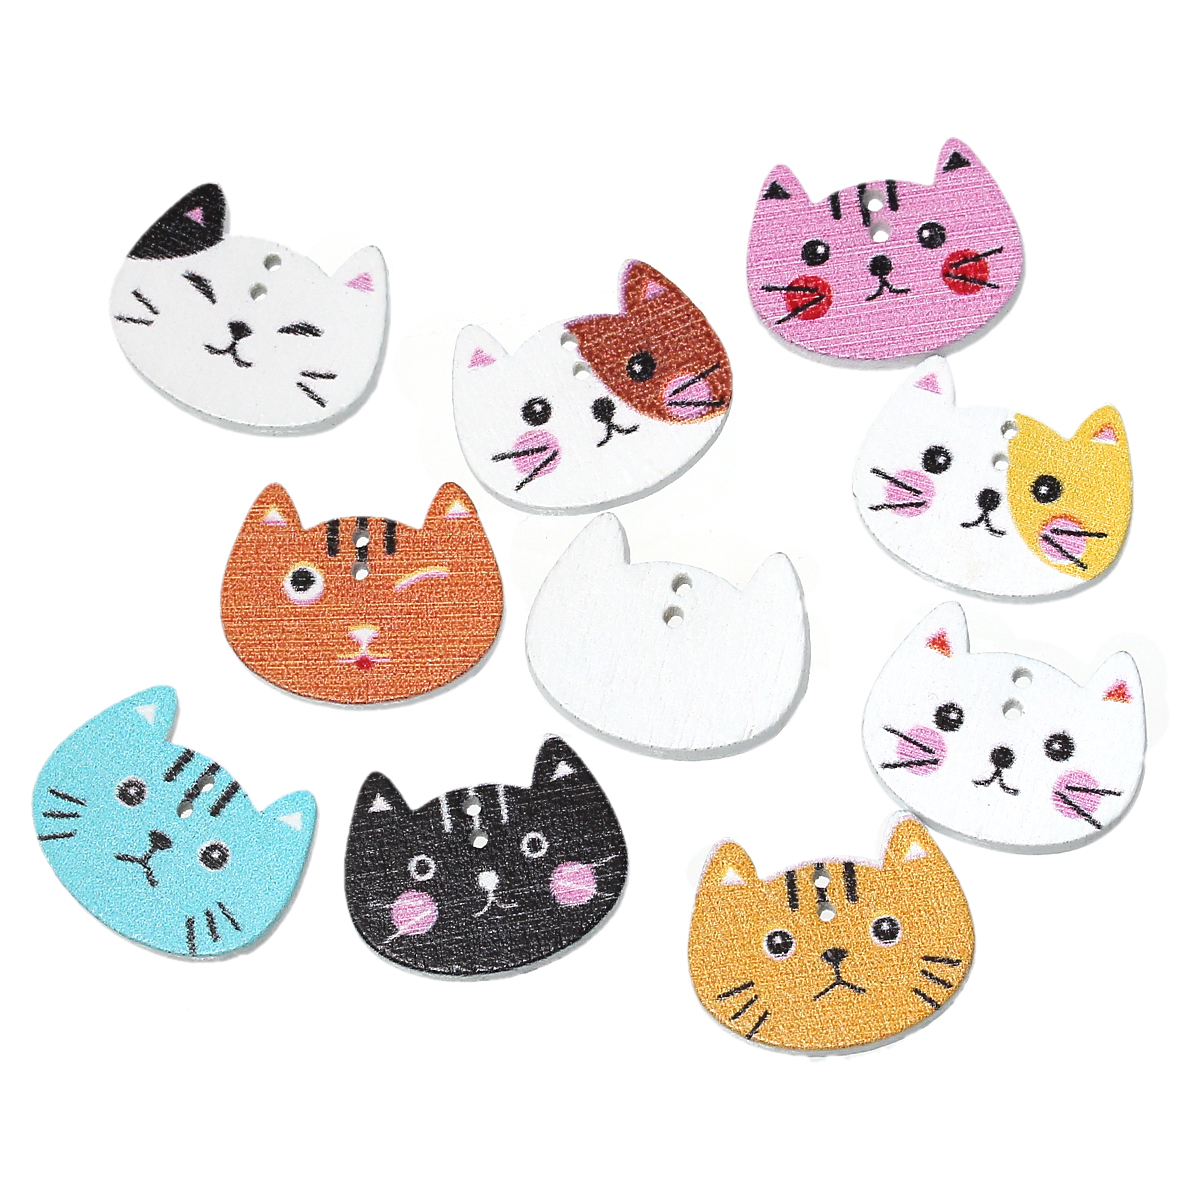 """עץ תפירת כפתור רעיונות חתול באופן אקראי שני חורים 20 מ""""מ (6/8 """") x 16 מ""""מ (5/8 """"), 10 יחידות 2018 חדש Dropshipping"""